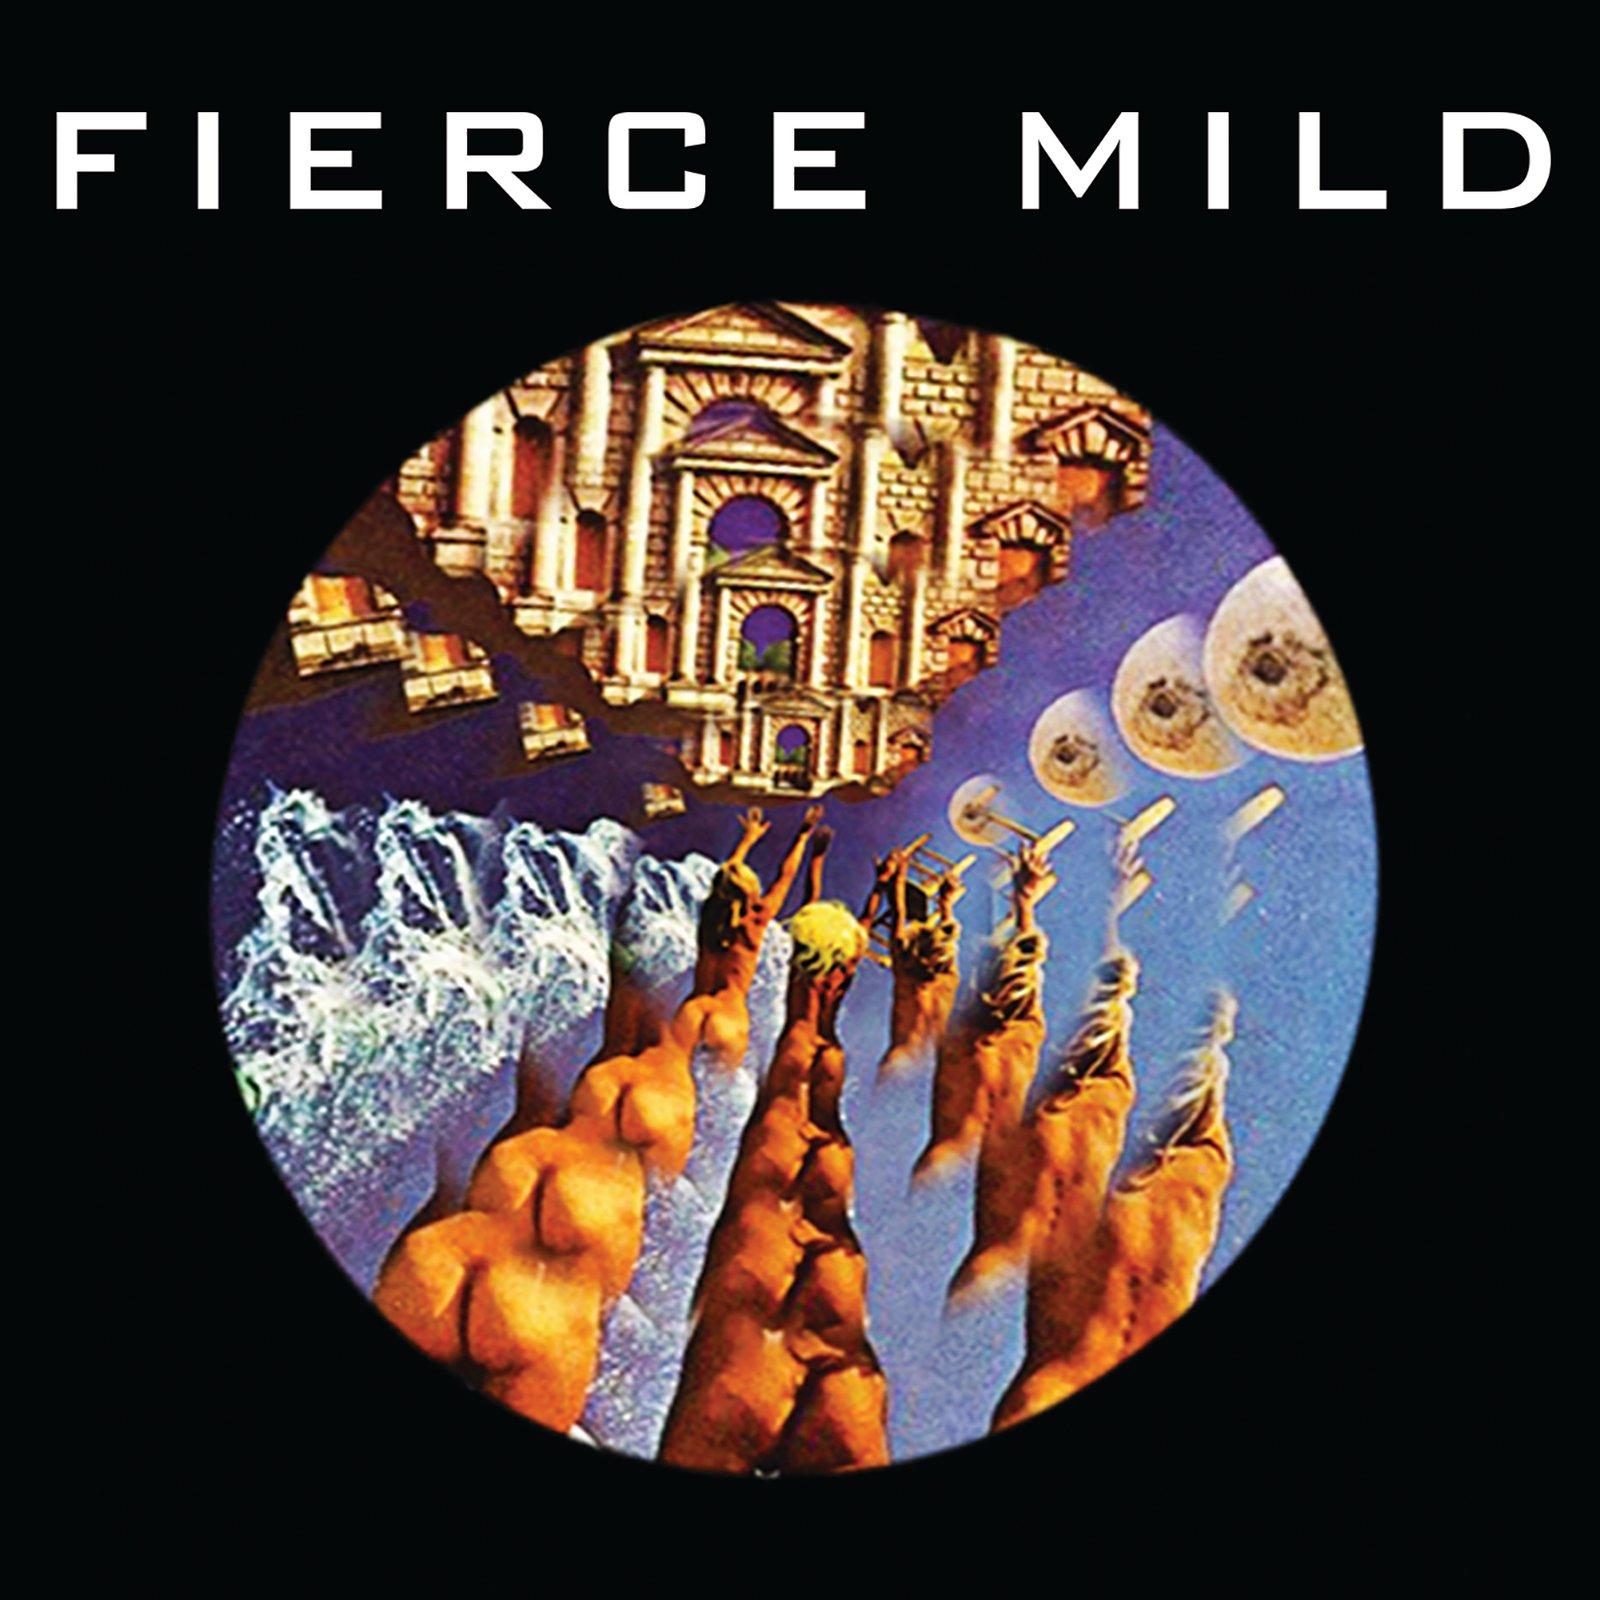 Fierce Mild